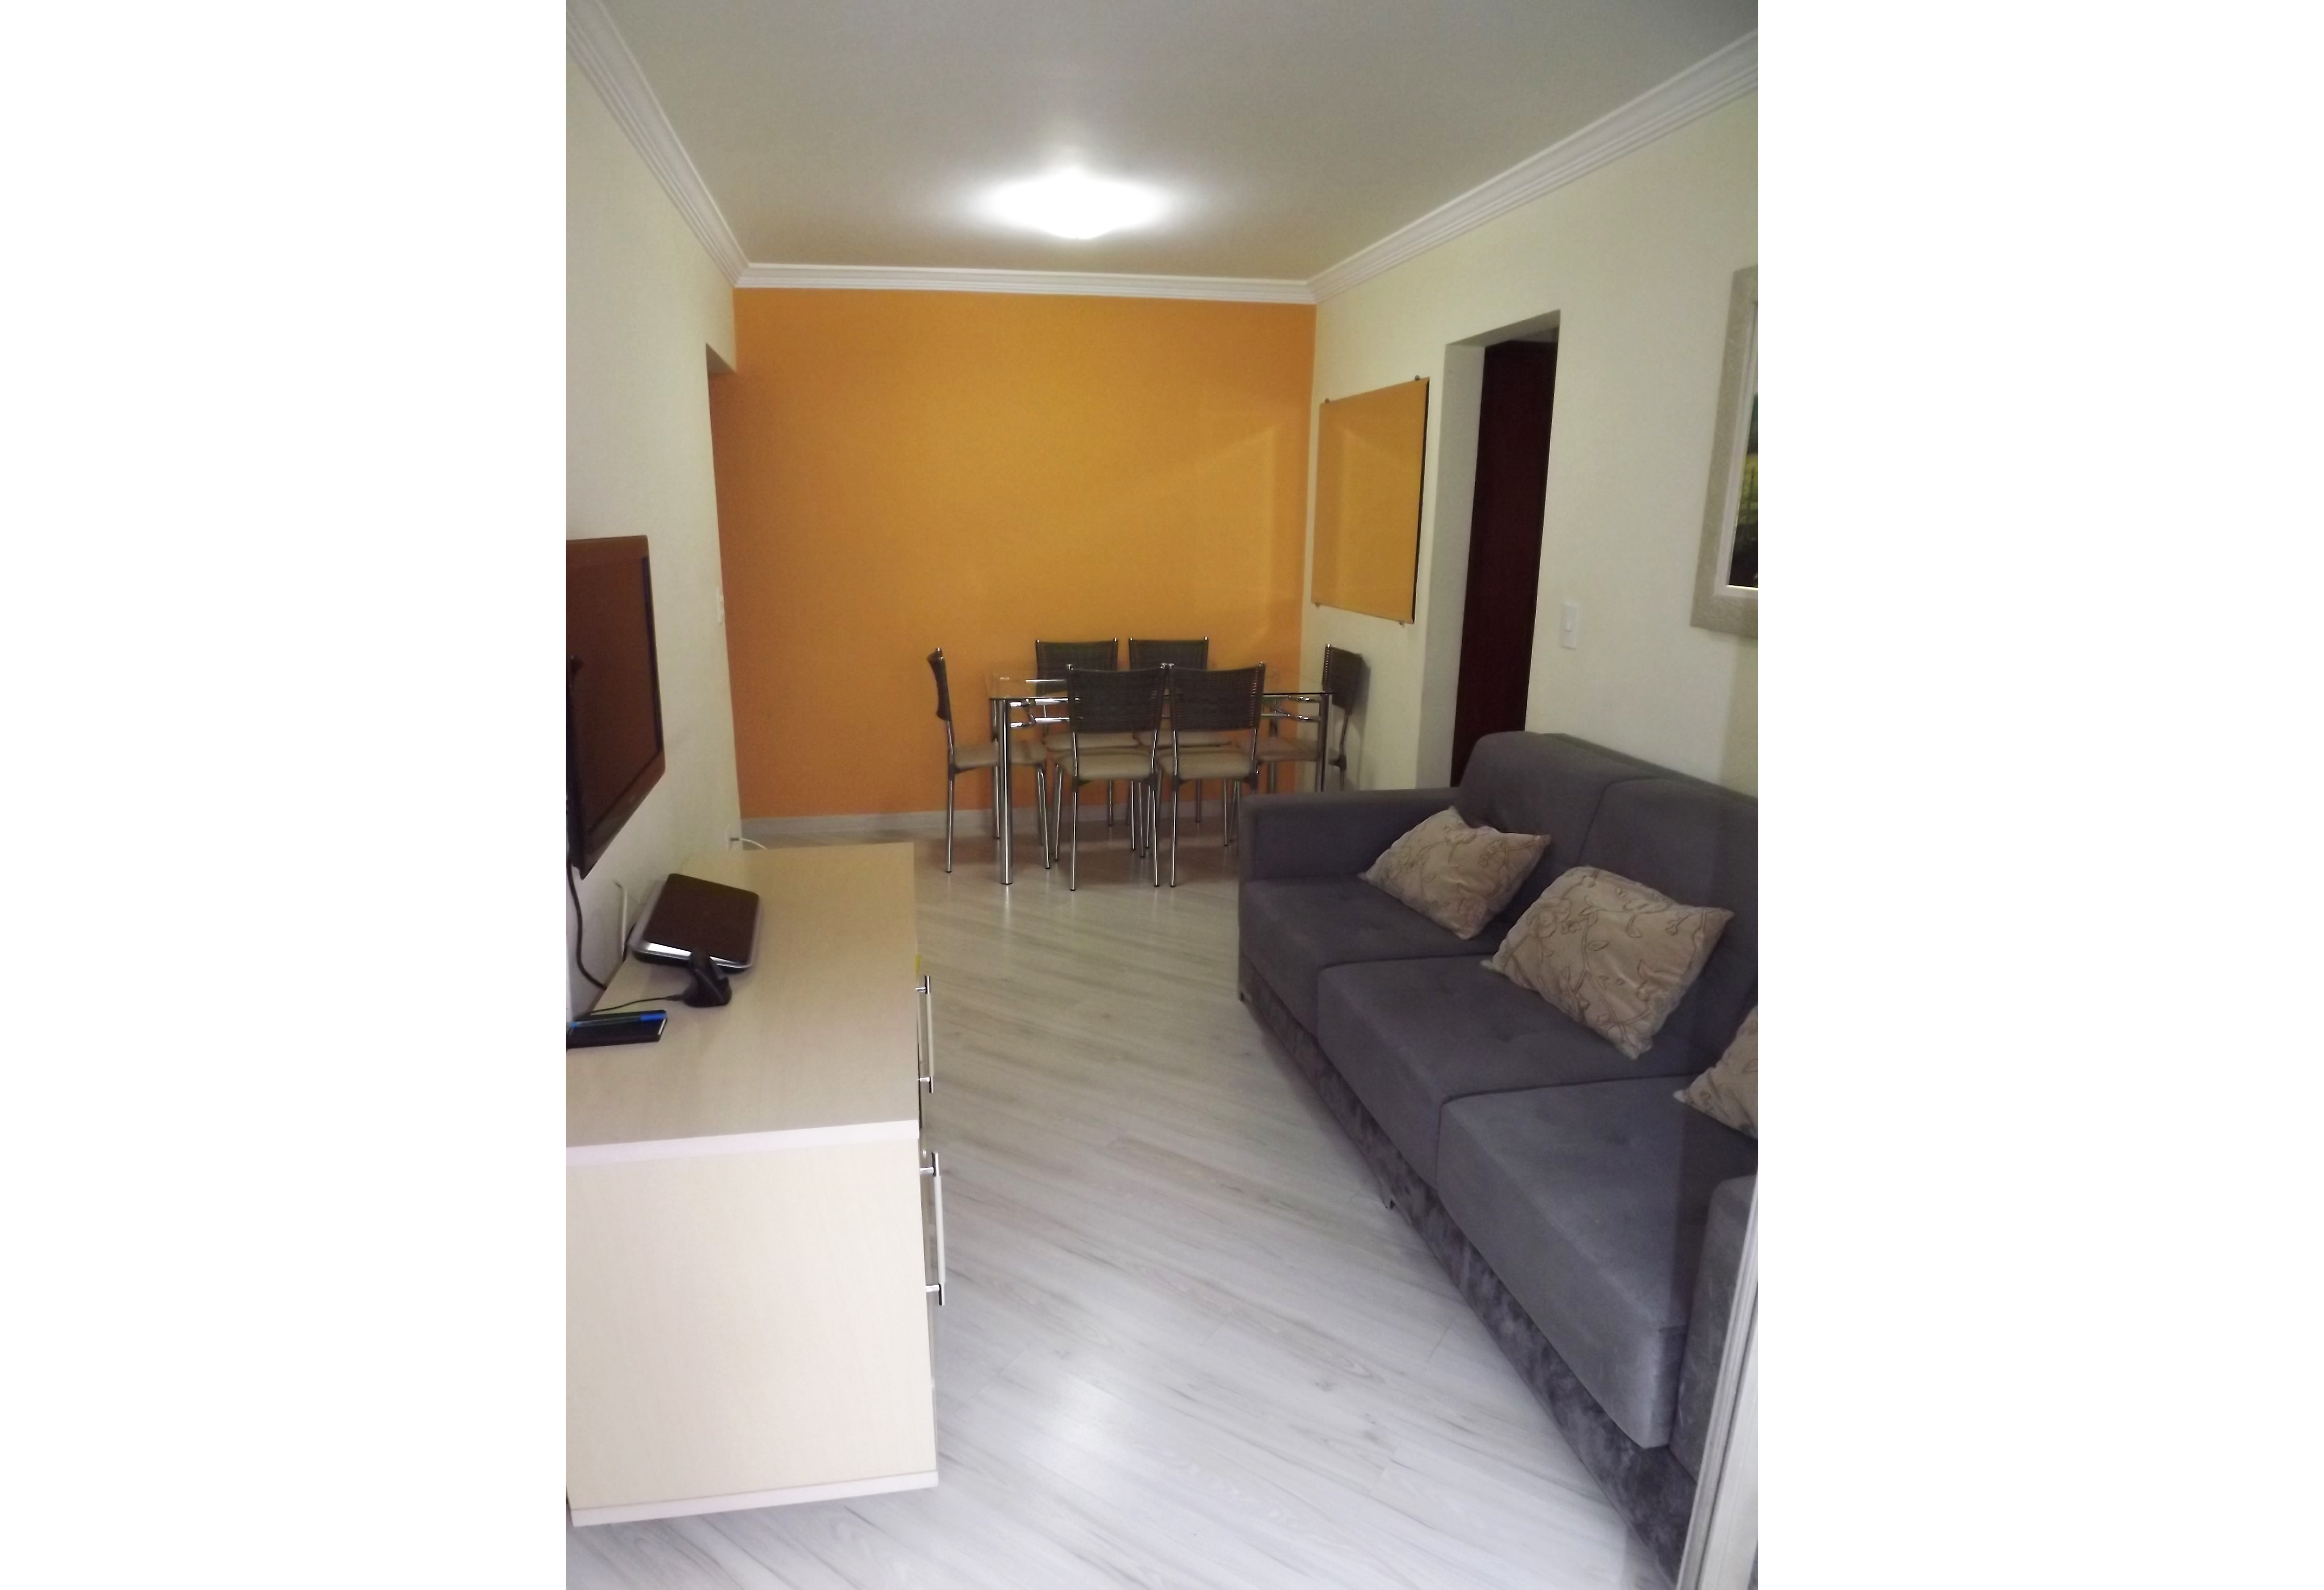 Sacomã, Apartamento Padrão - Sala retangular com piso laminado, teto com moldura de gesso e acesso à varanda